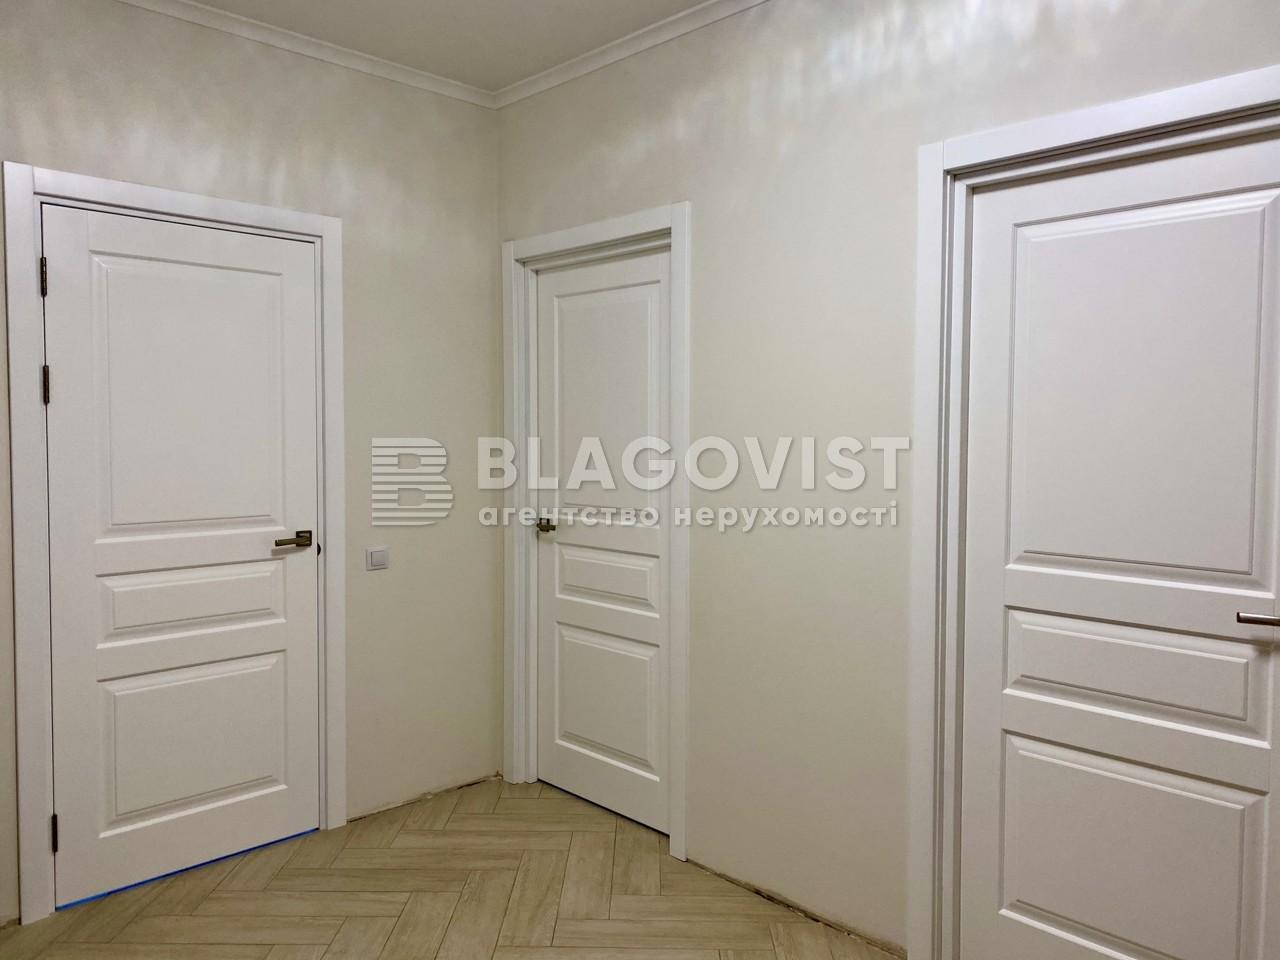 Квартира F-23904, Харченка Євгенія (Леніна), 47б, Київ - Фото 12